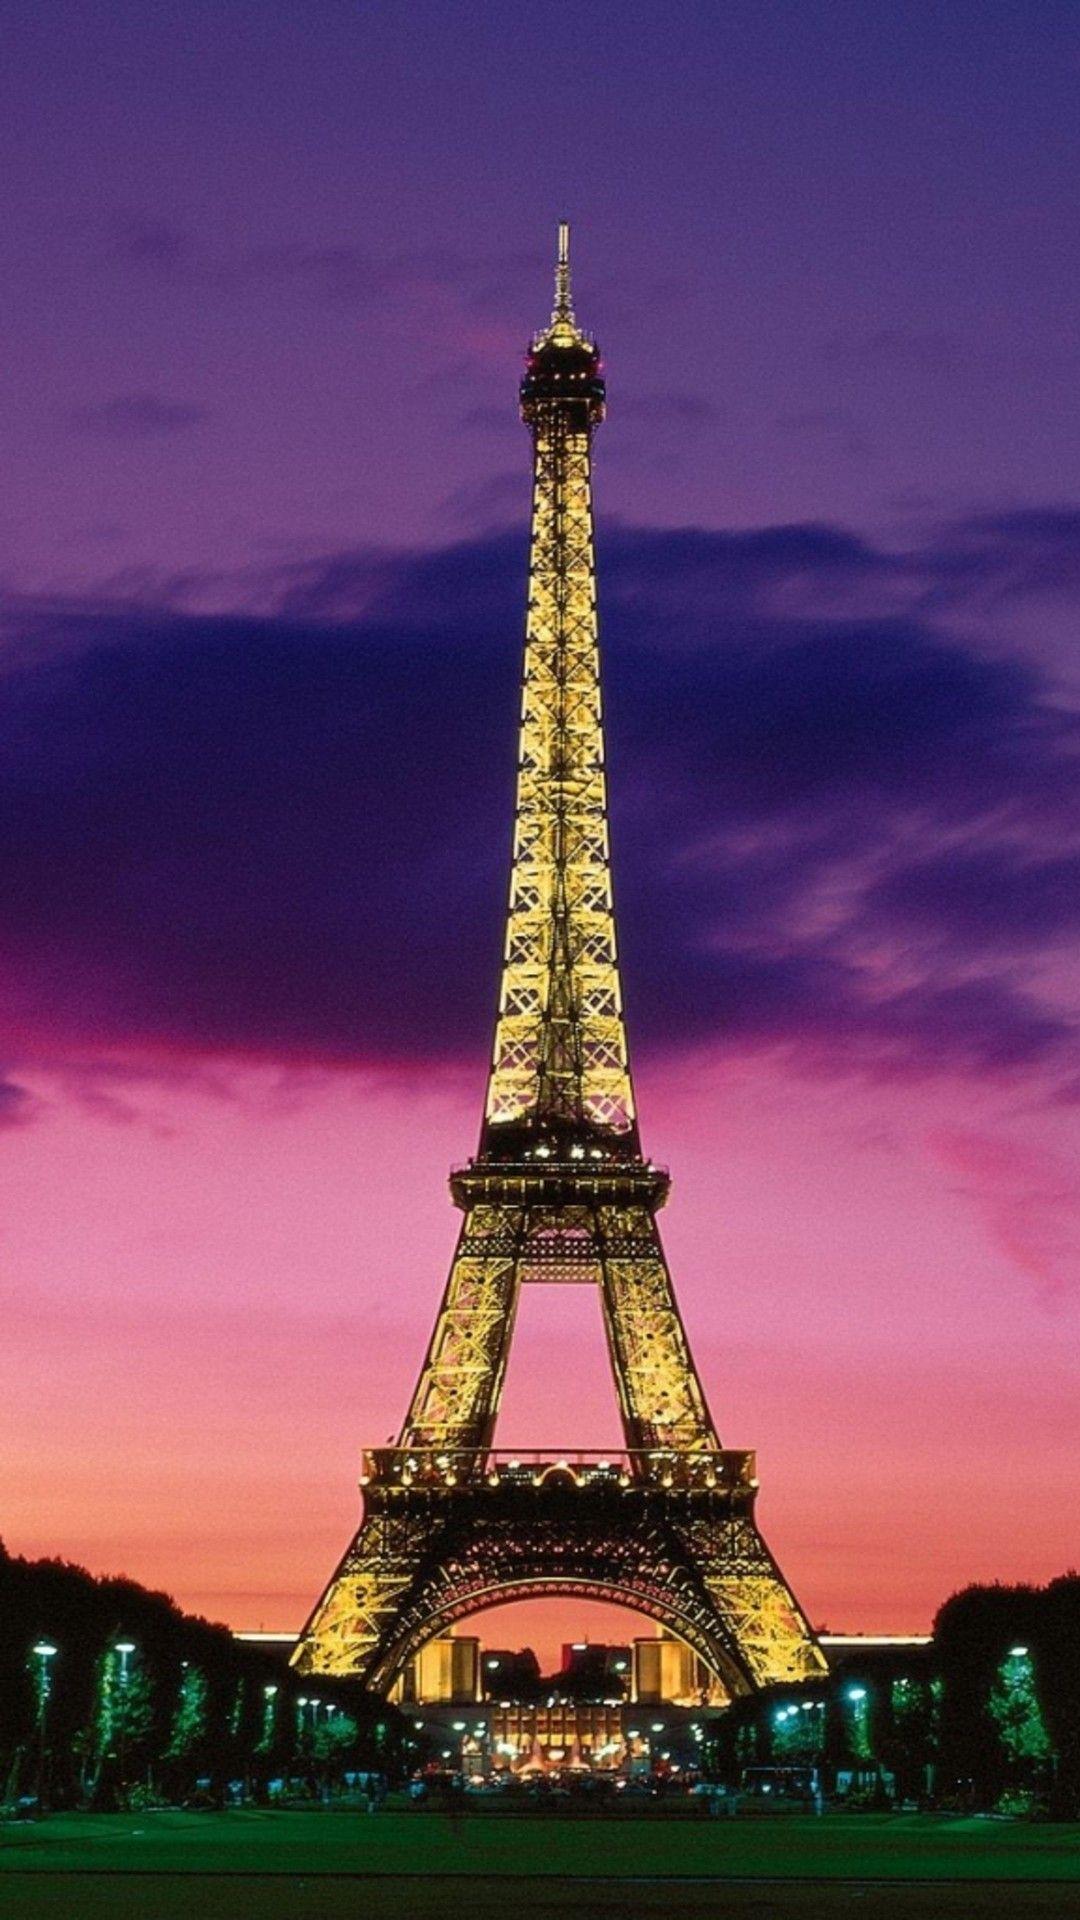 Places To Visit おしゃれまとめの人気アイデア Pinterest Aradhna Prajapati エッフェル塔 タワー エッフェル